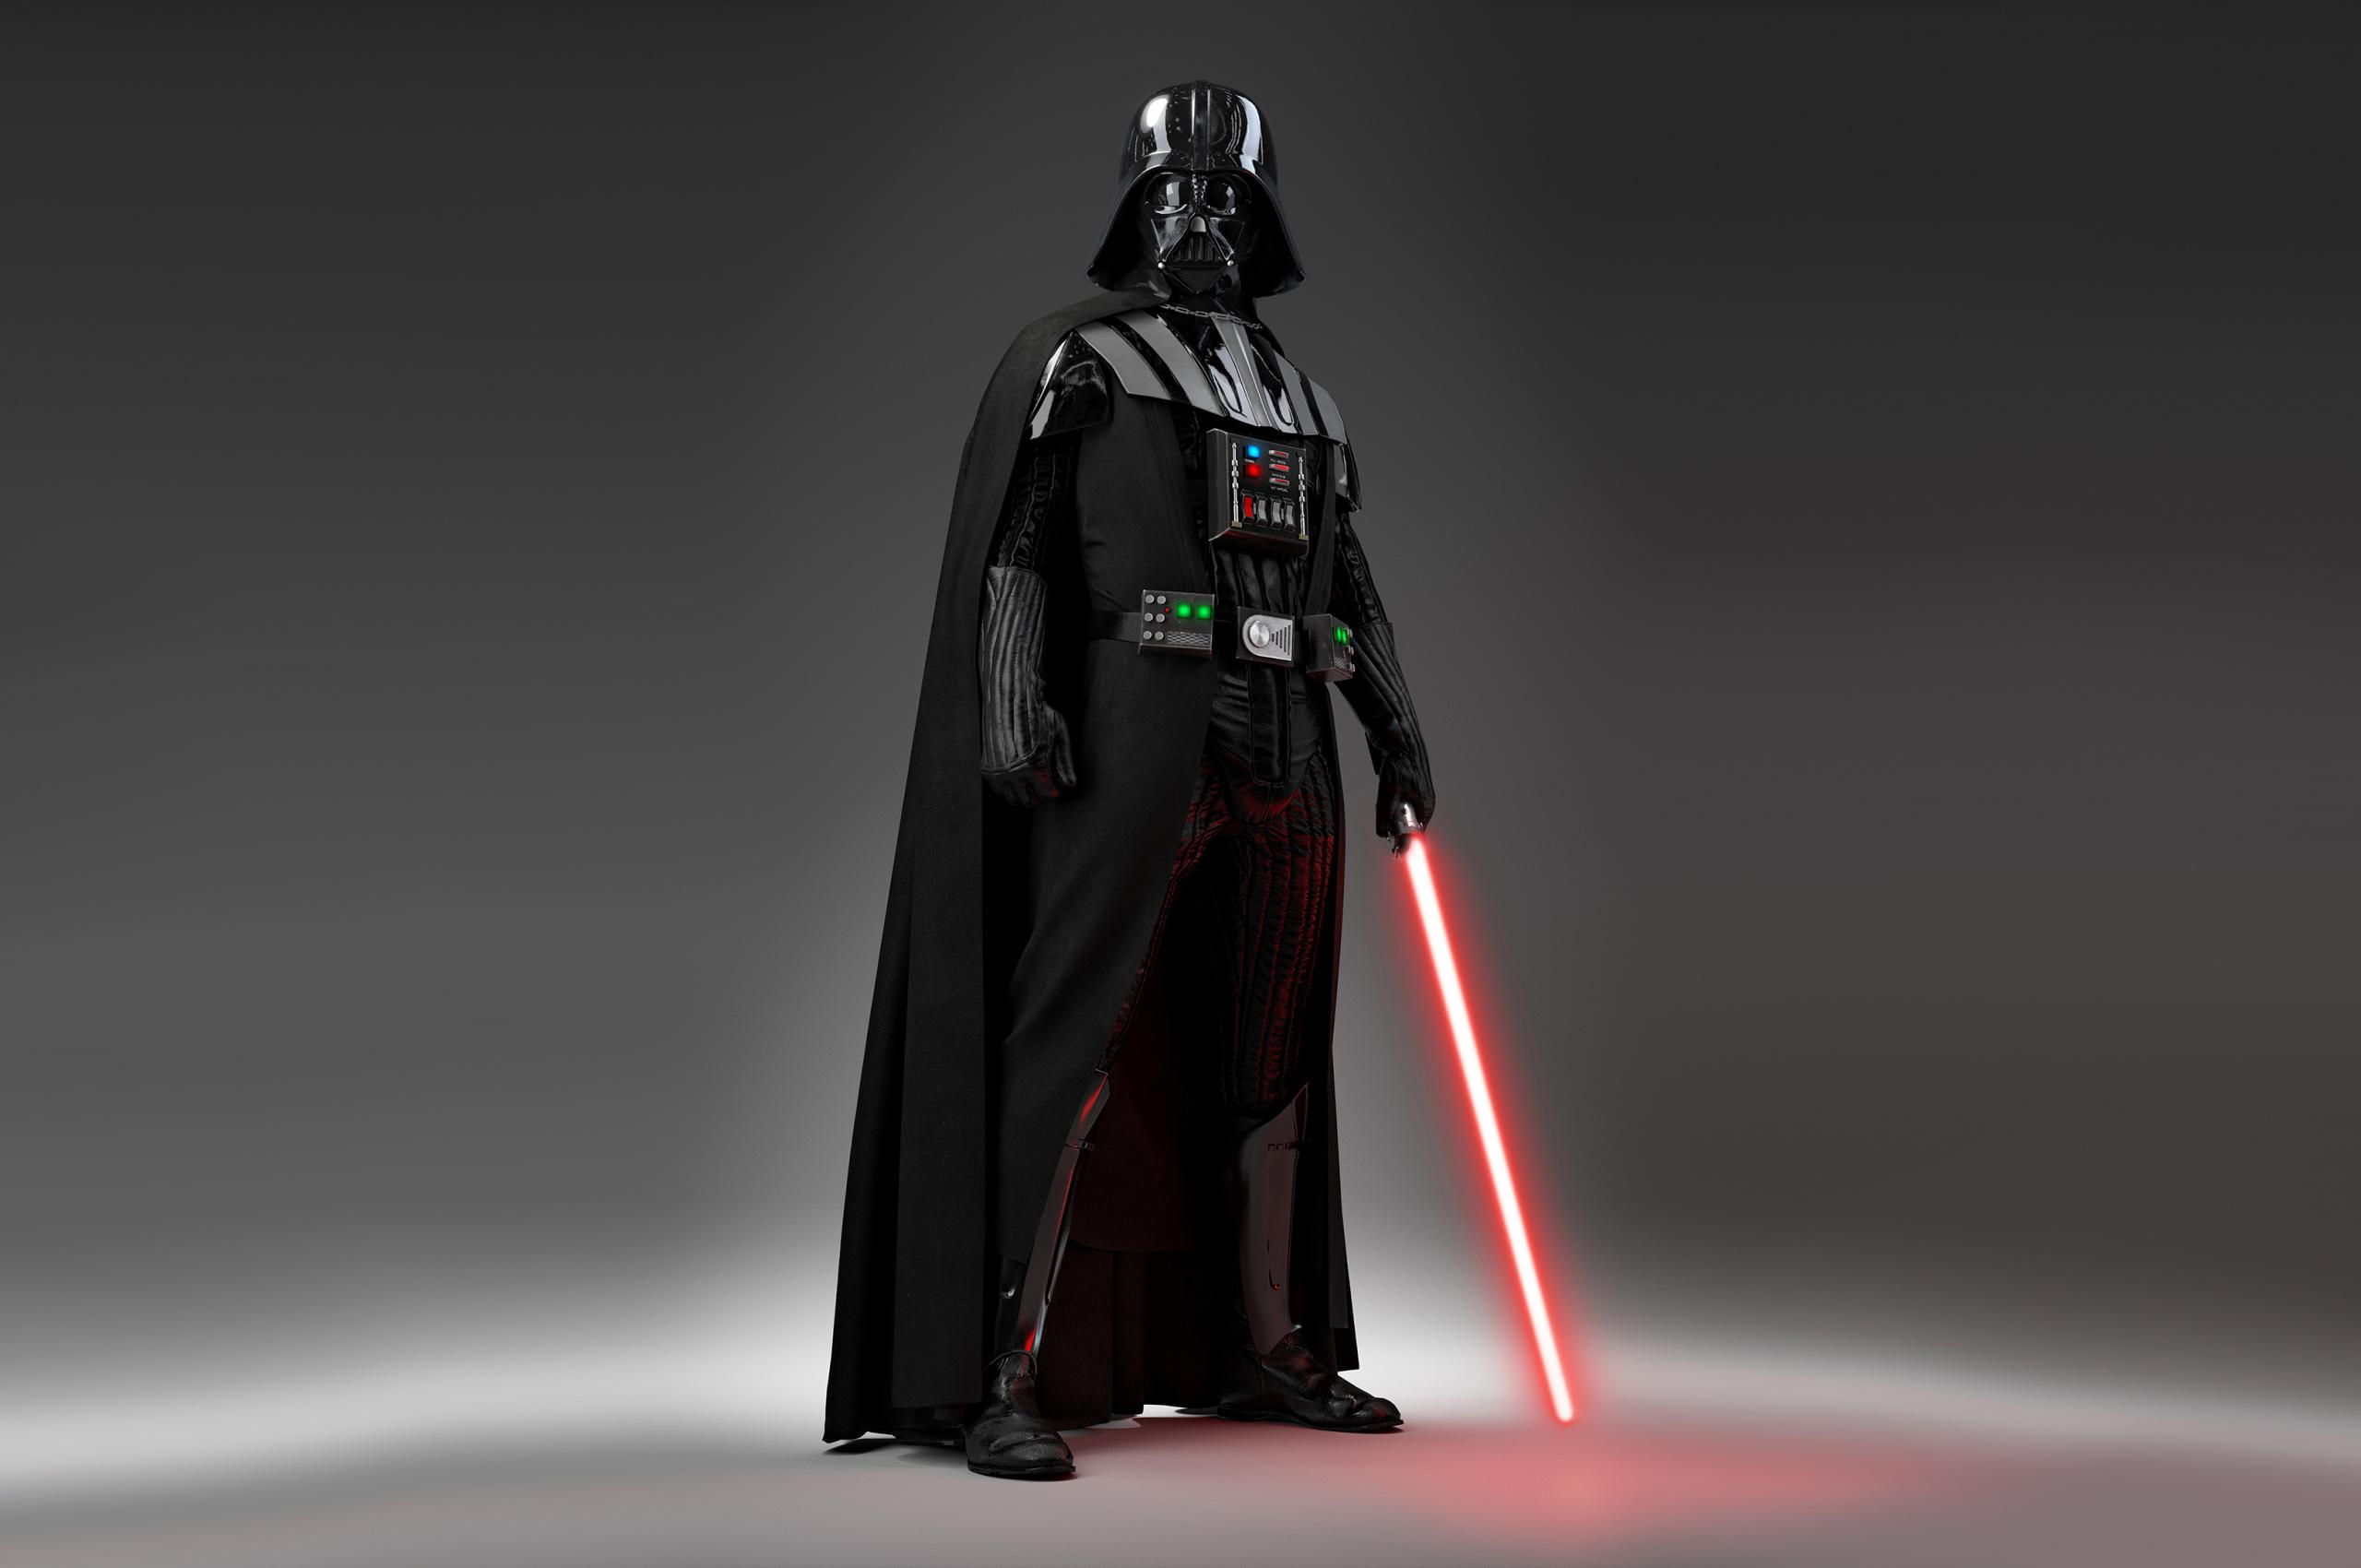 Free Download Darth Vader Star Wars Battlefront Wallpaper Game